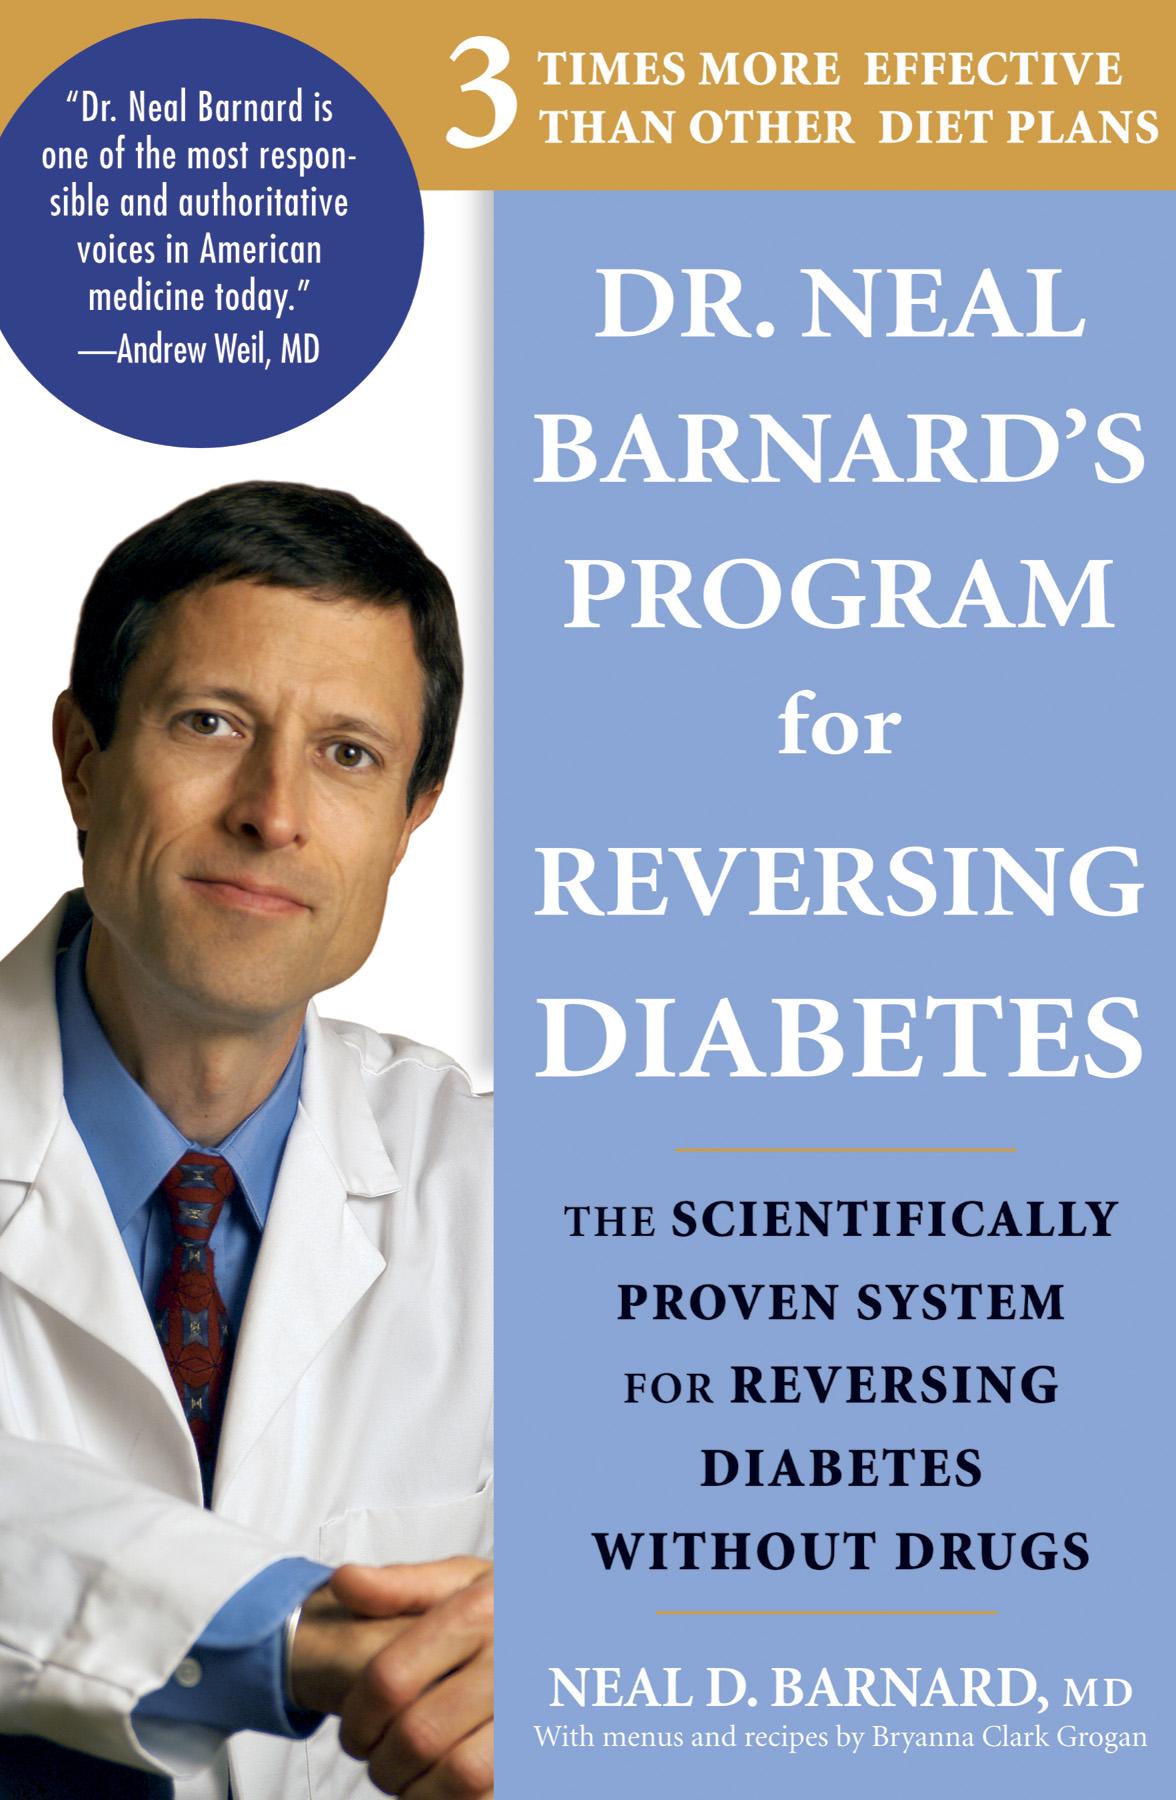 Dr-Neal-Barnard's-Program-for-Reversing-Diabetes